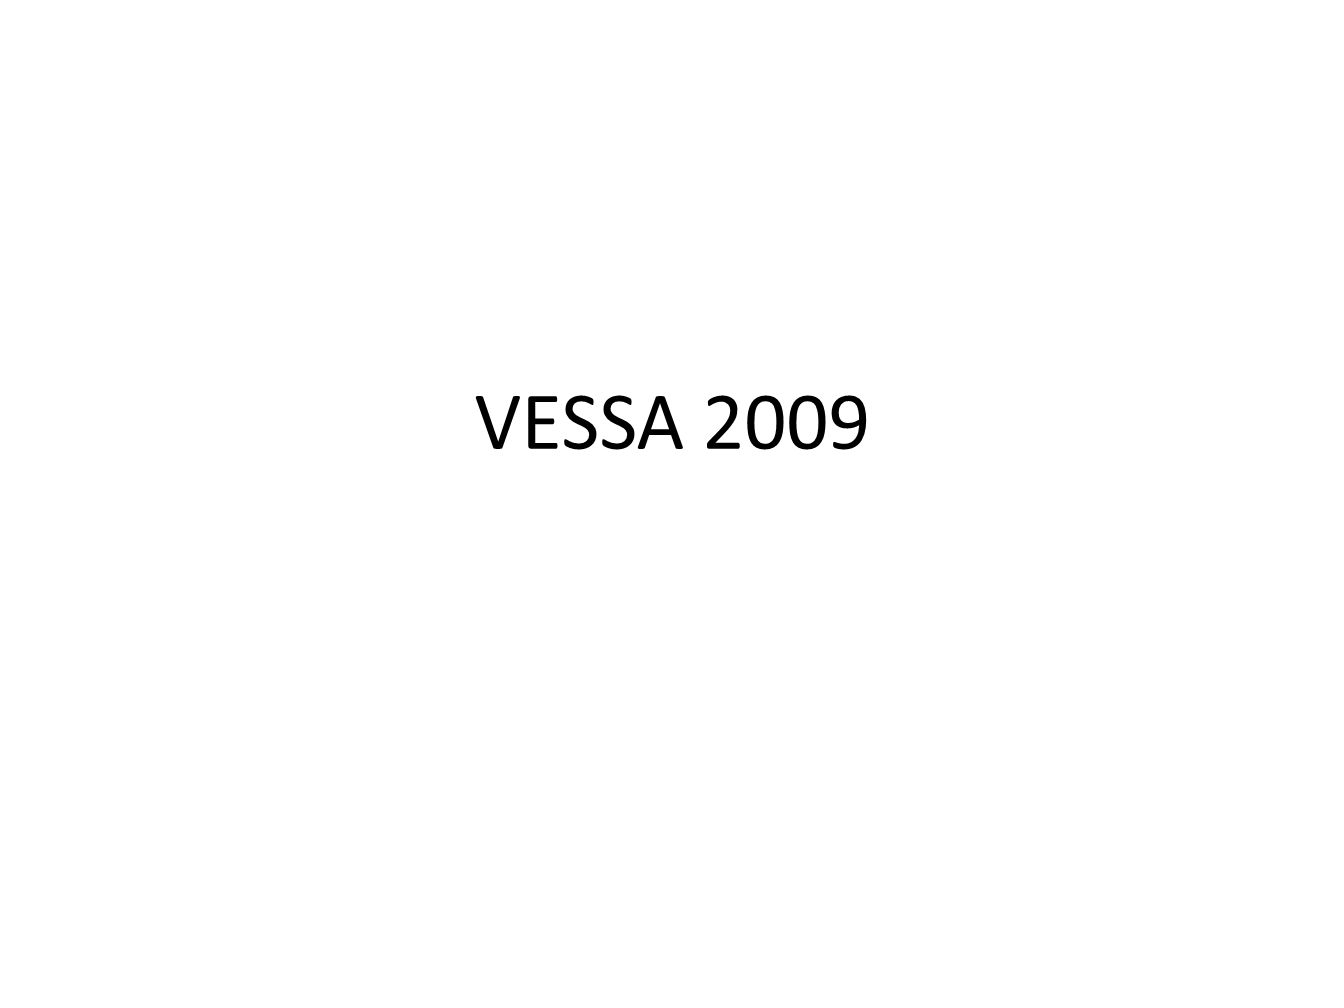 VESSA 2009